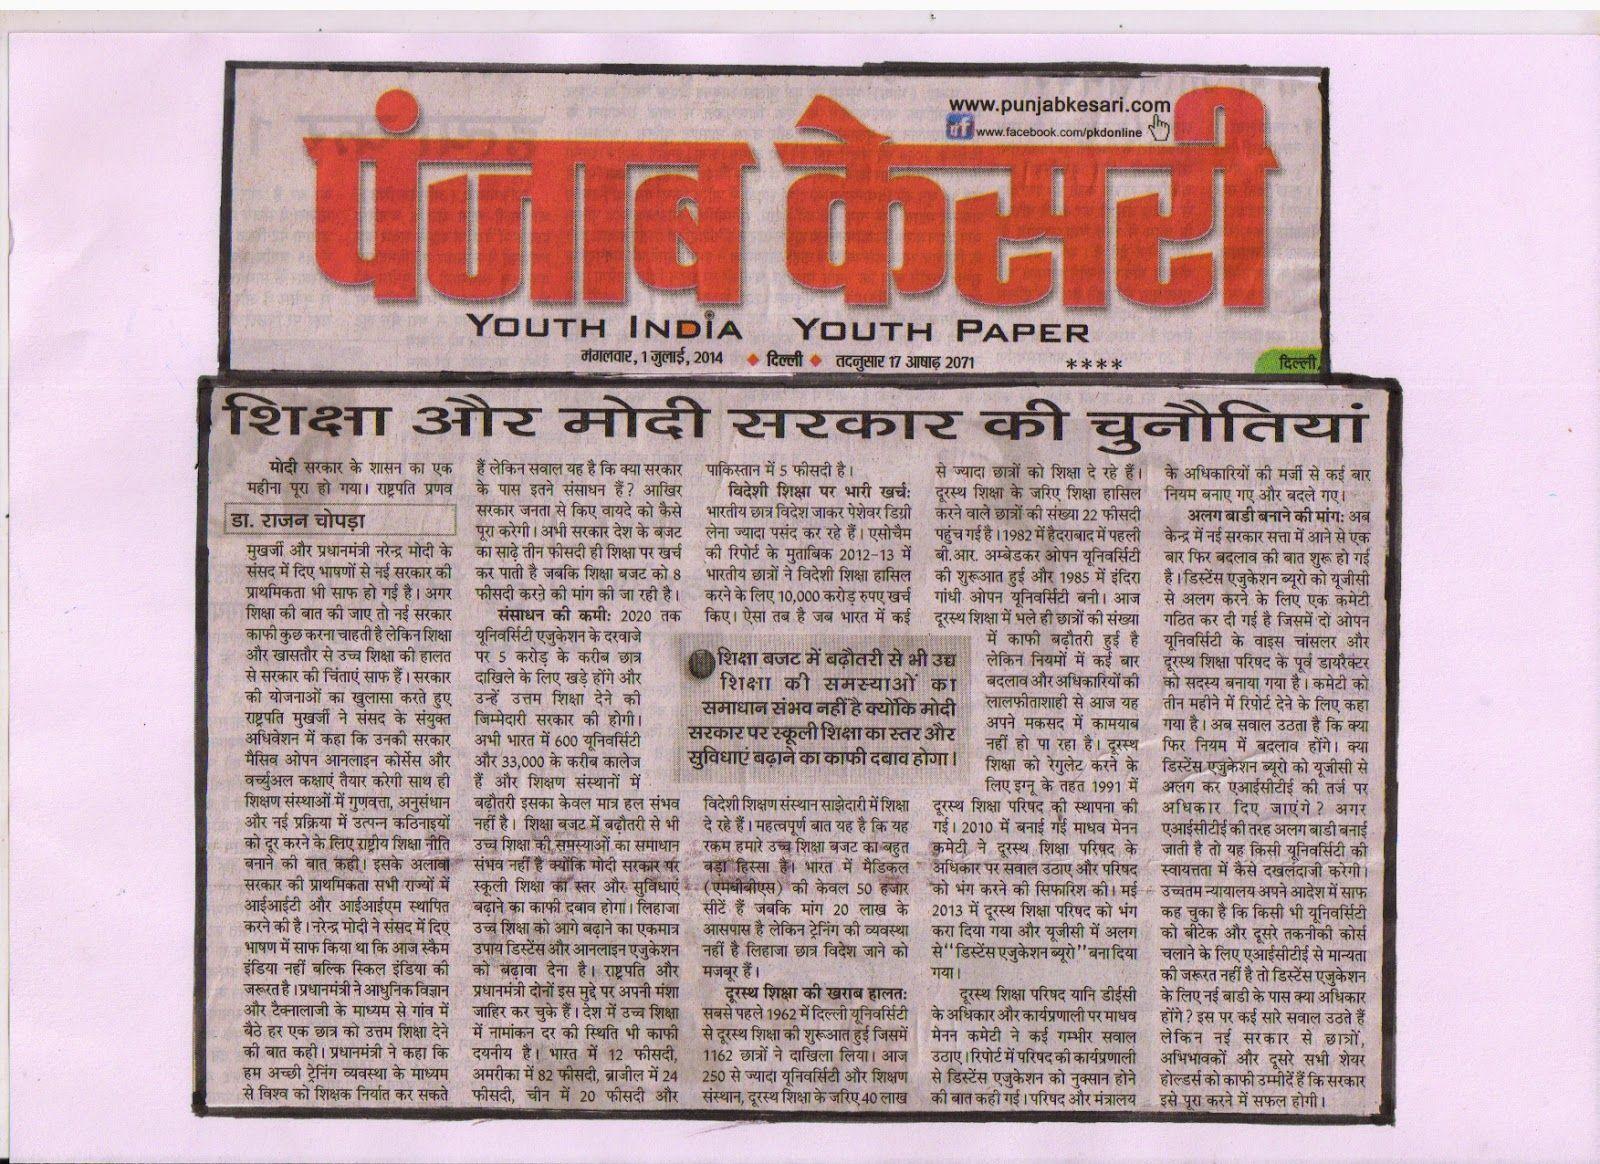 Dr. Rajan Chopra: शिक्षा और मोदी सरकार की चुनौतियां : डॉ राजन चोपड़ा...http://www.rajanchopra.in/